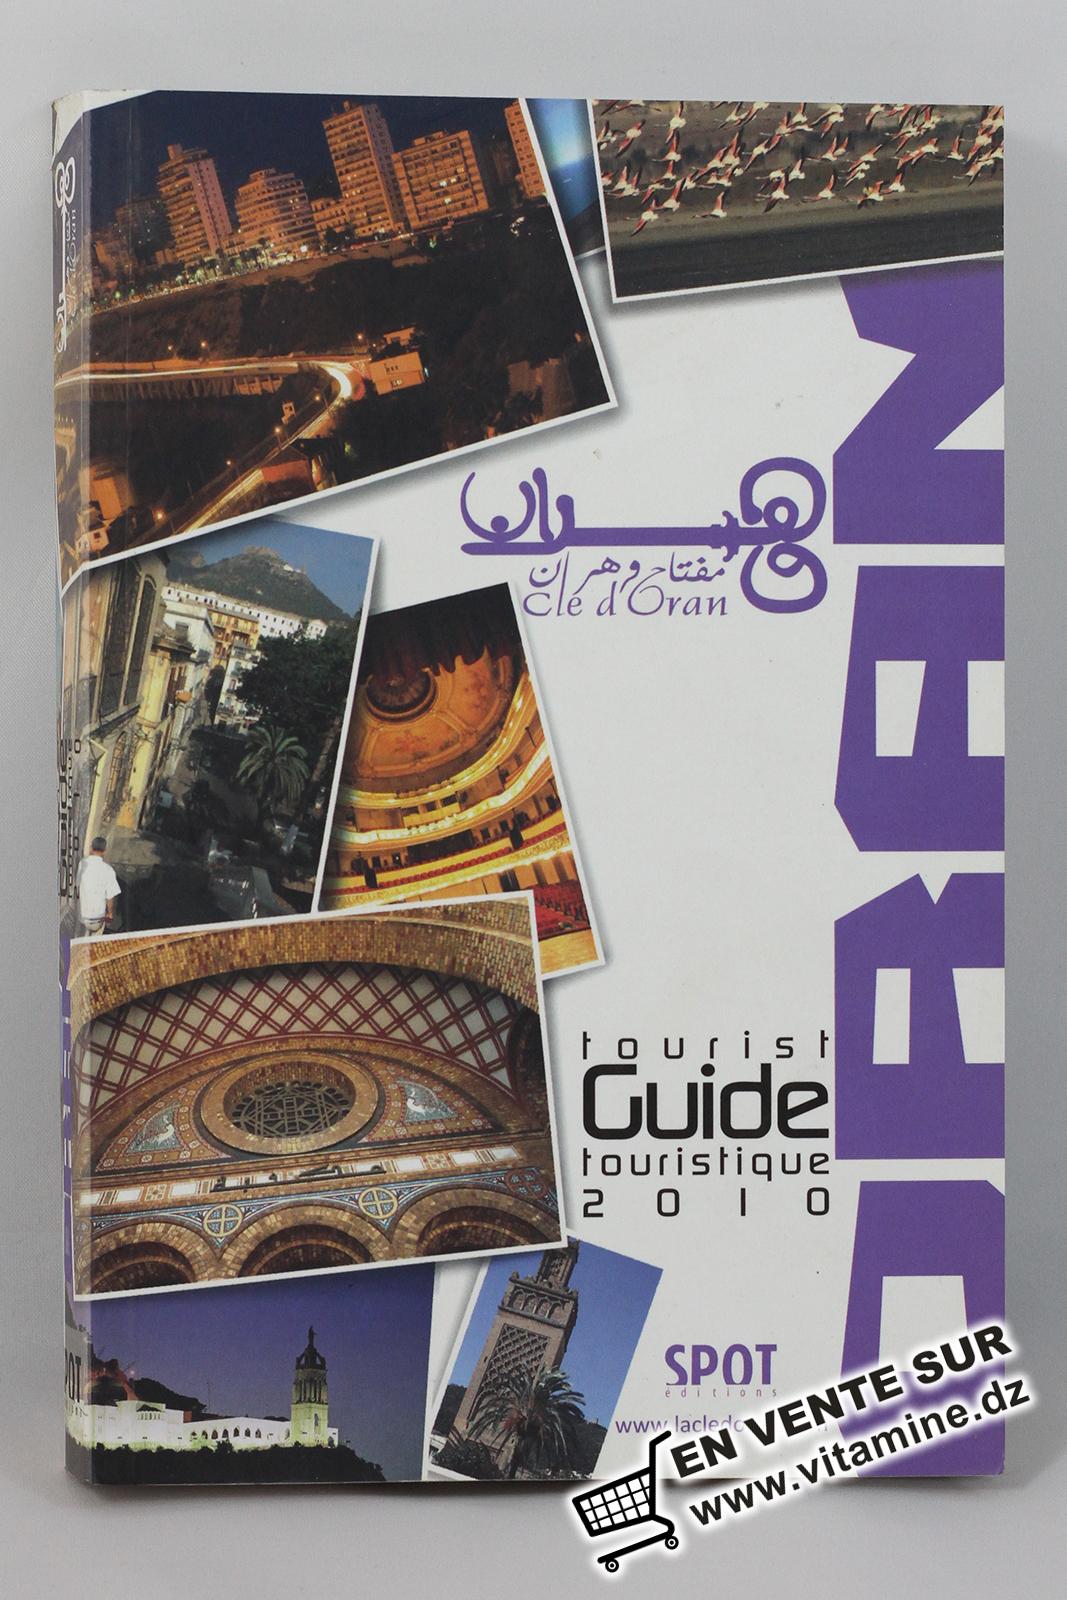 Clé d'Oran - Guide touristique 2010